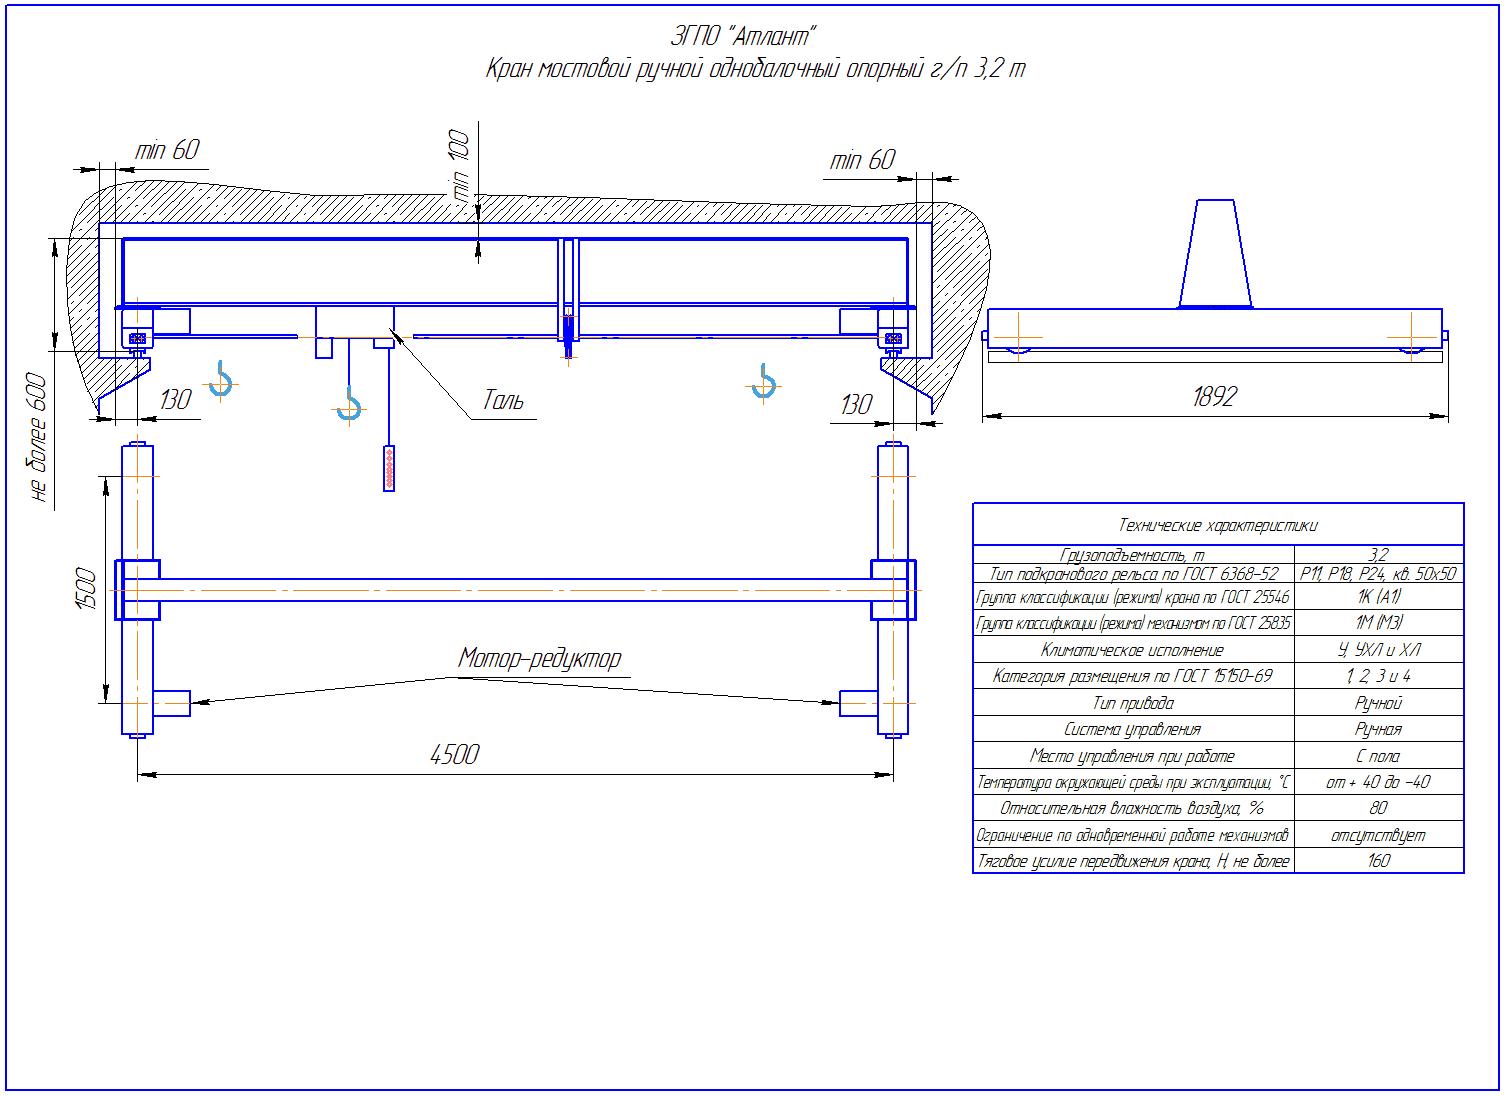 KRMOO 3 45 - Кран ручной мостовой опорный однобалочный